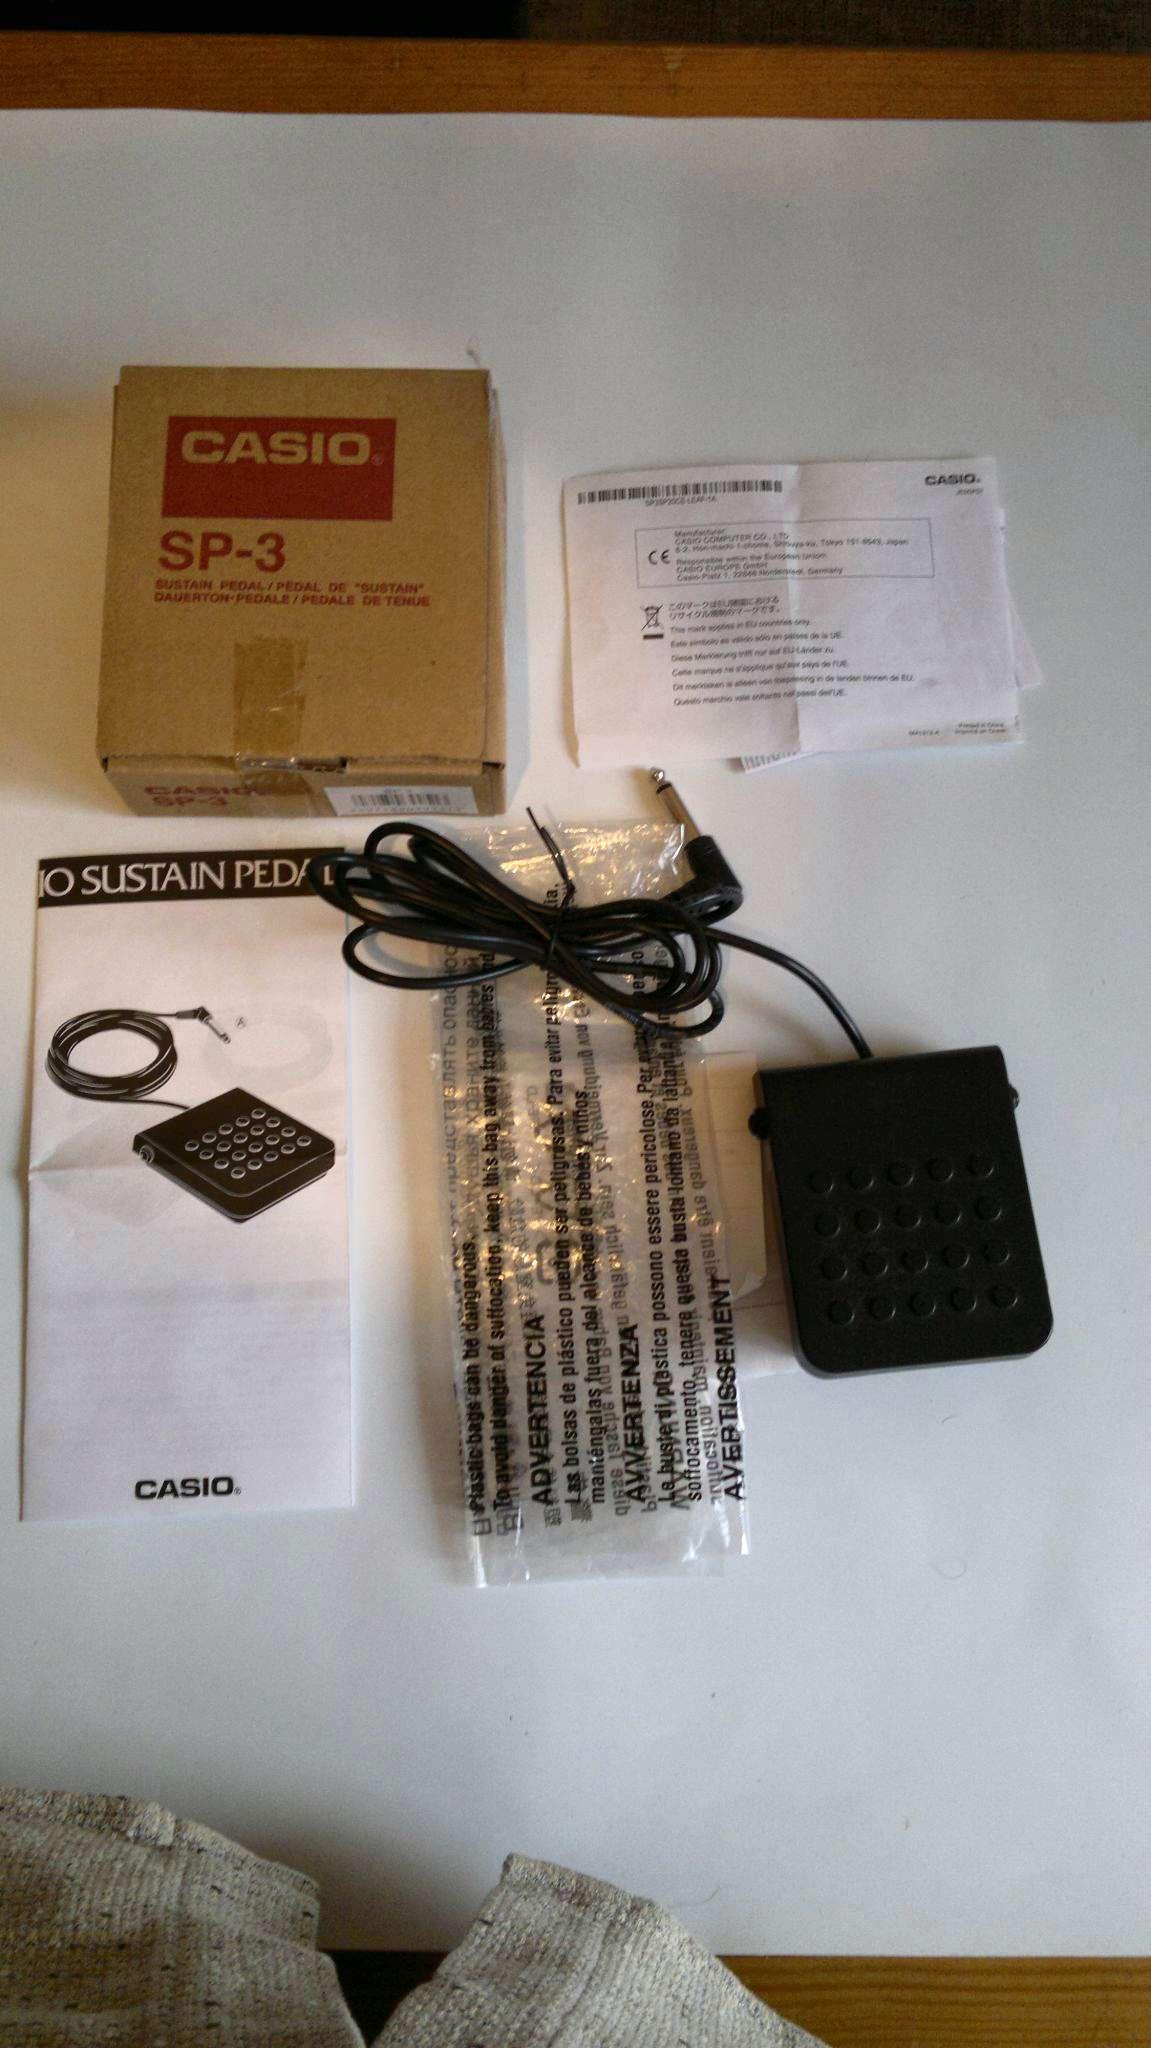 0b8a9a5ad9b Педаль сустейн Casio SP-3H — купить в интернет-магазине ОНЛАЙН ТРЕЙД.РУ